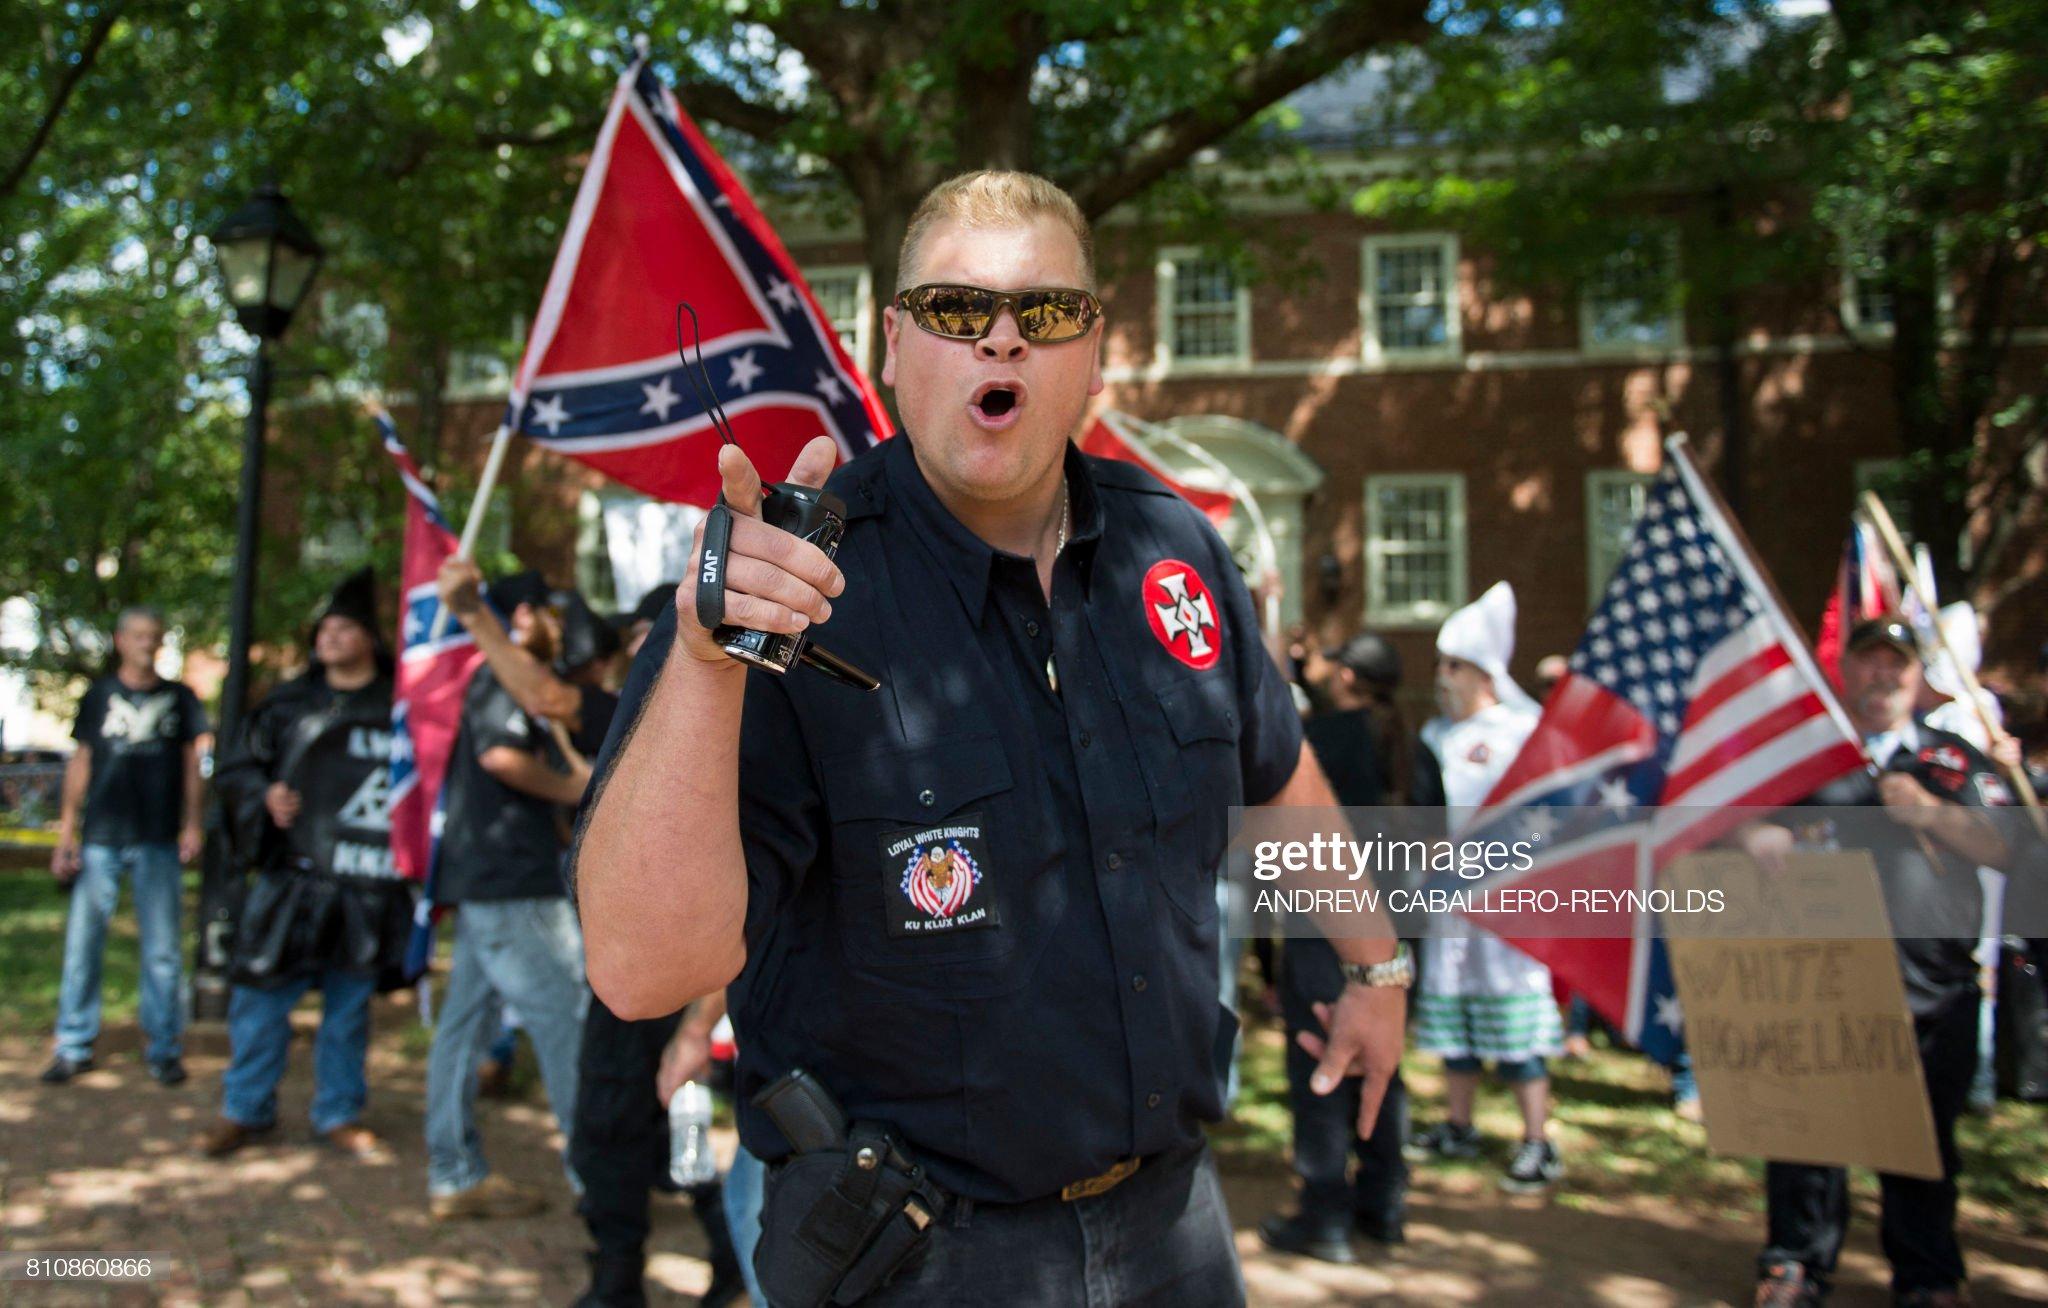 TOPSHOT-US-RACISM-POLICE-SOCIAL : News Photo